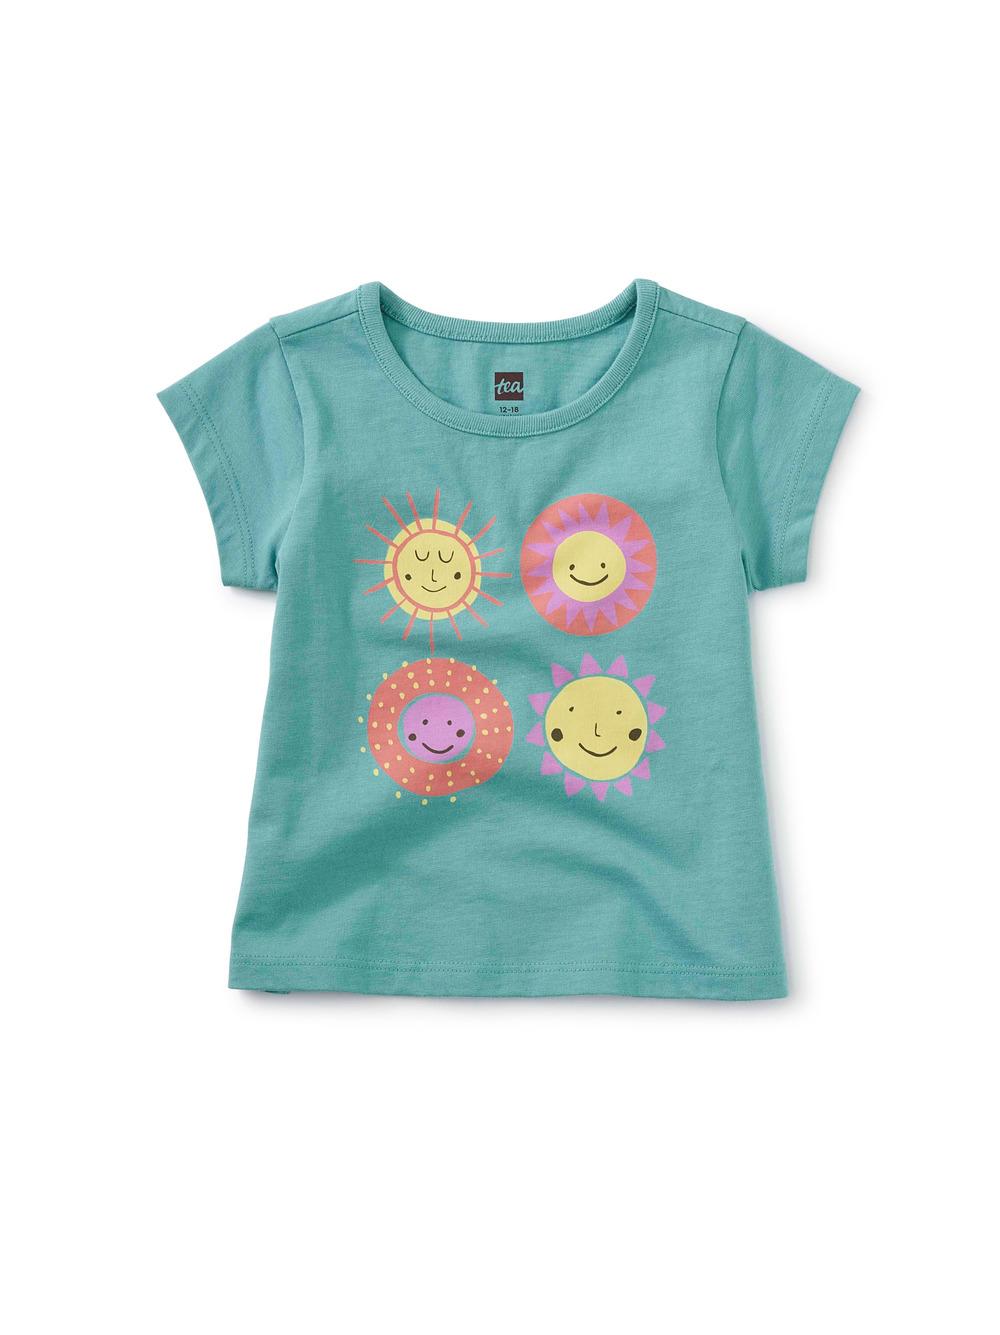 Sunshine Baby Graphic Tee